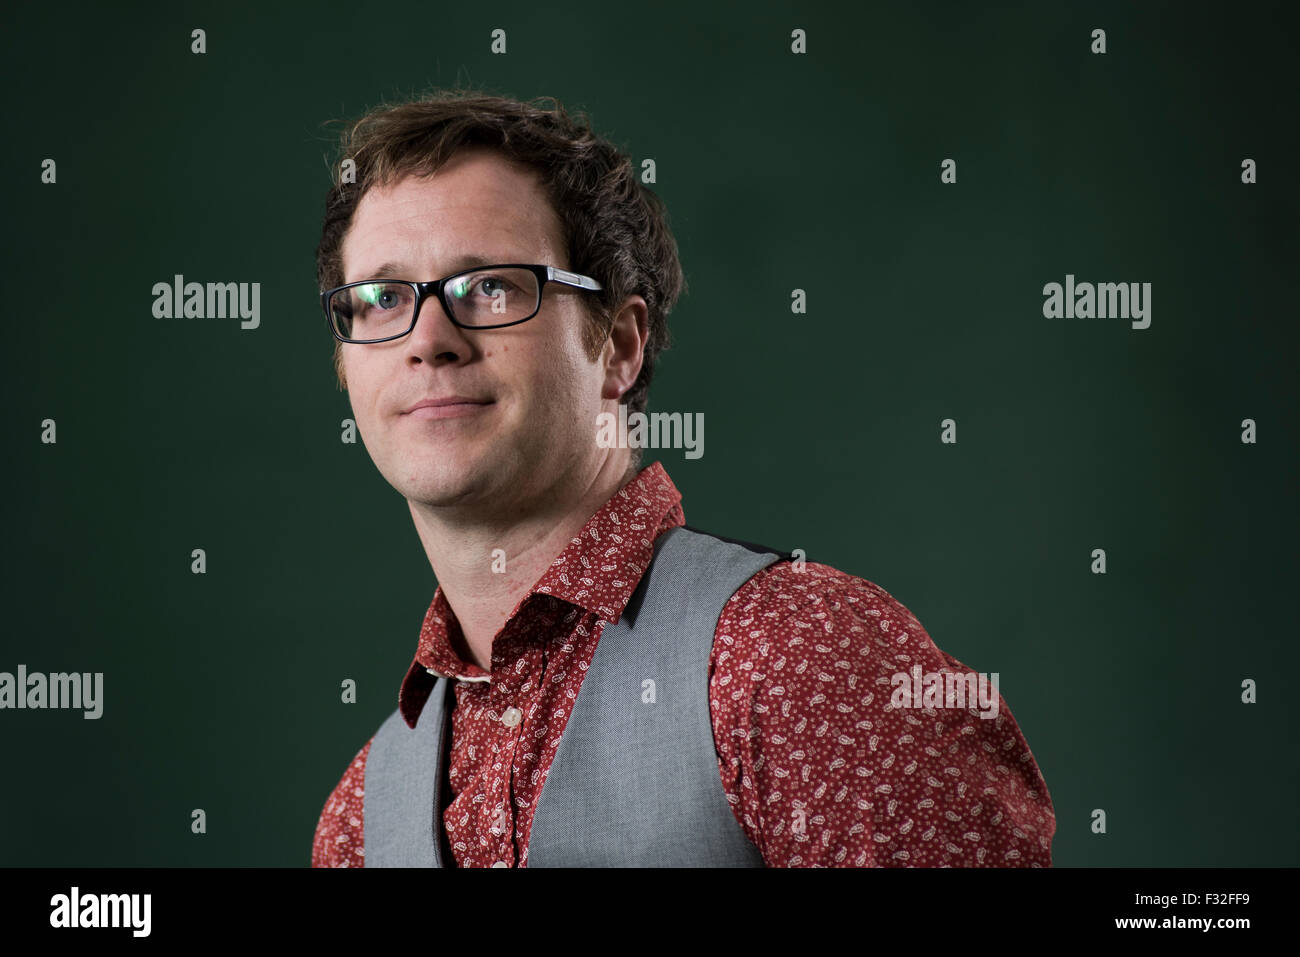 Writer, teacher and occasional filmmaker Simon Sylvester. Stock Photo